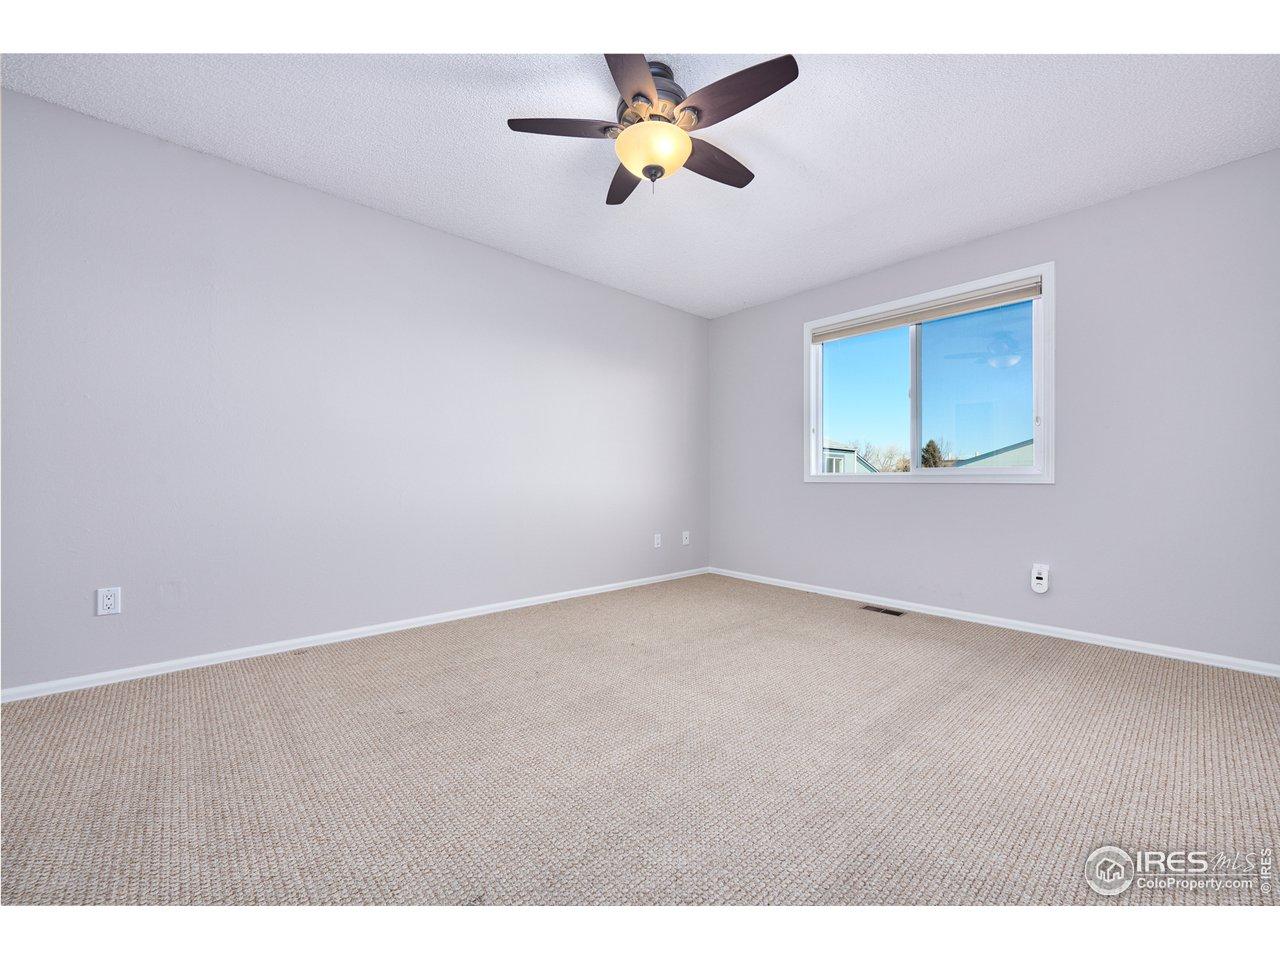 Ceiling fan & Hunter Douglas blinds